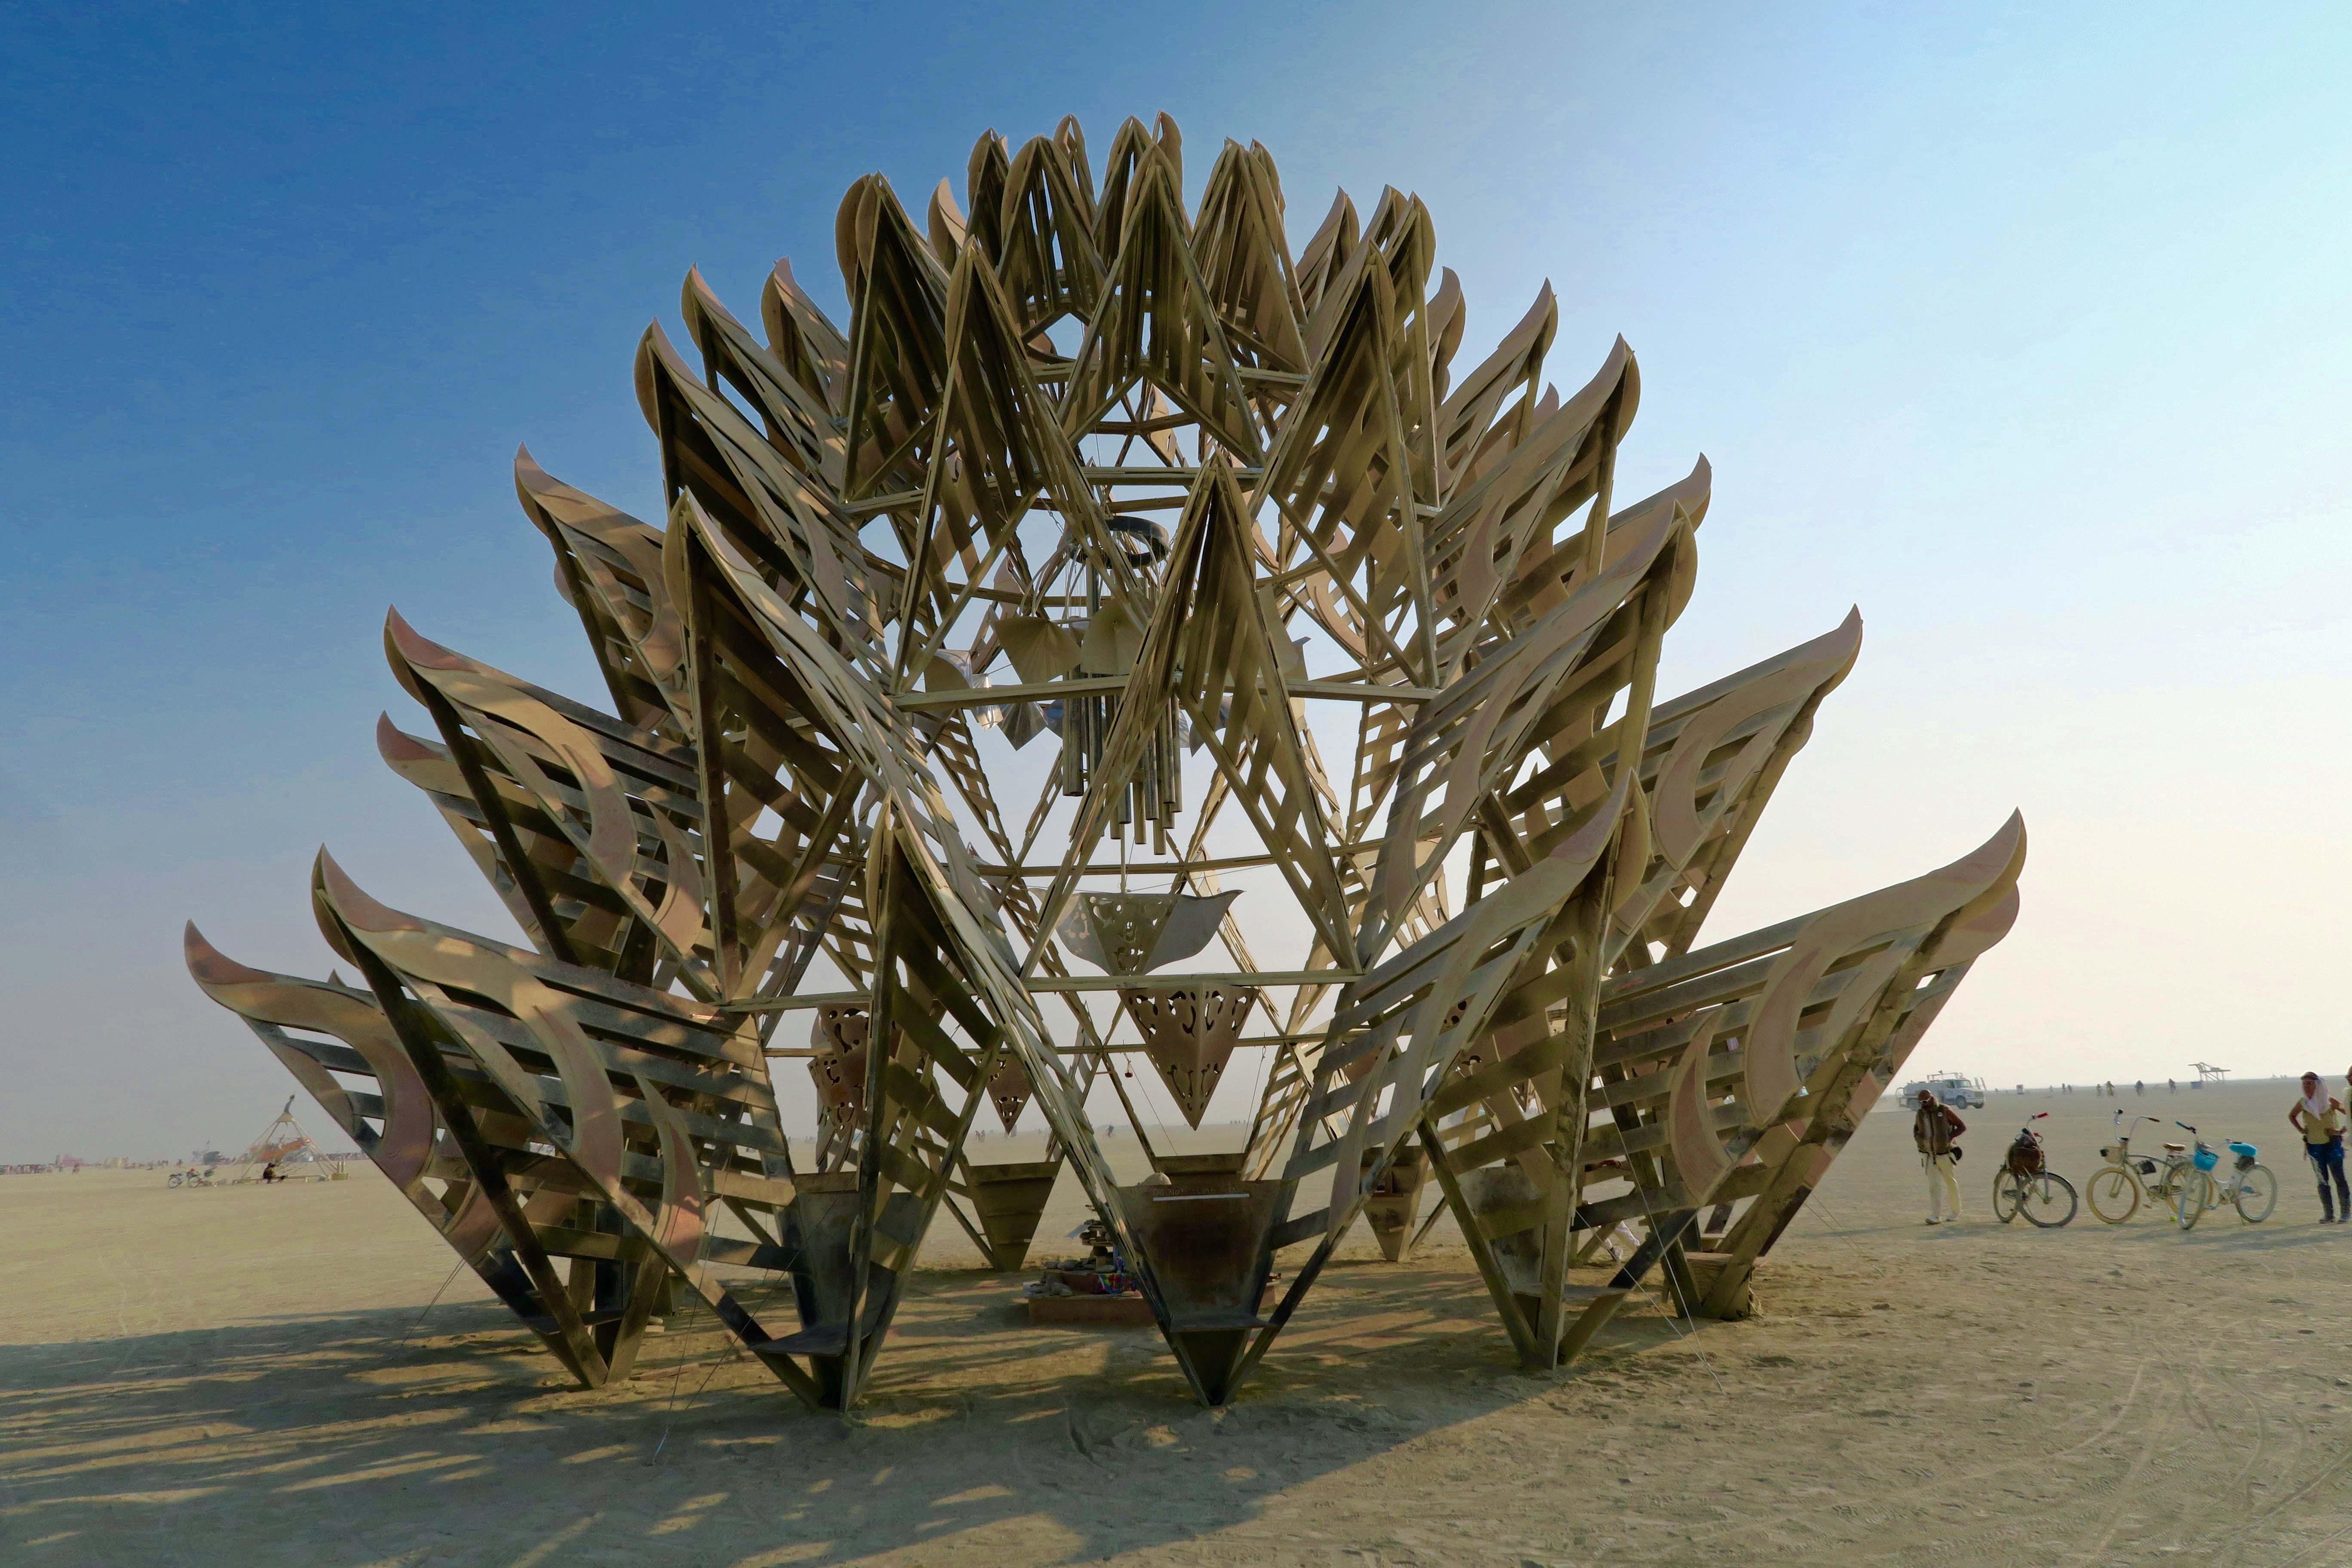 Temple of Awareness at Burning Man 2017